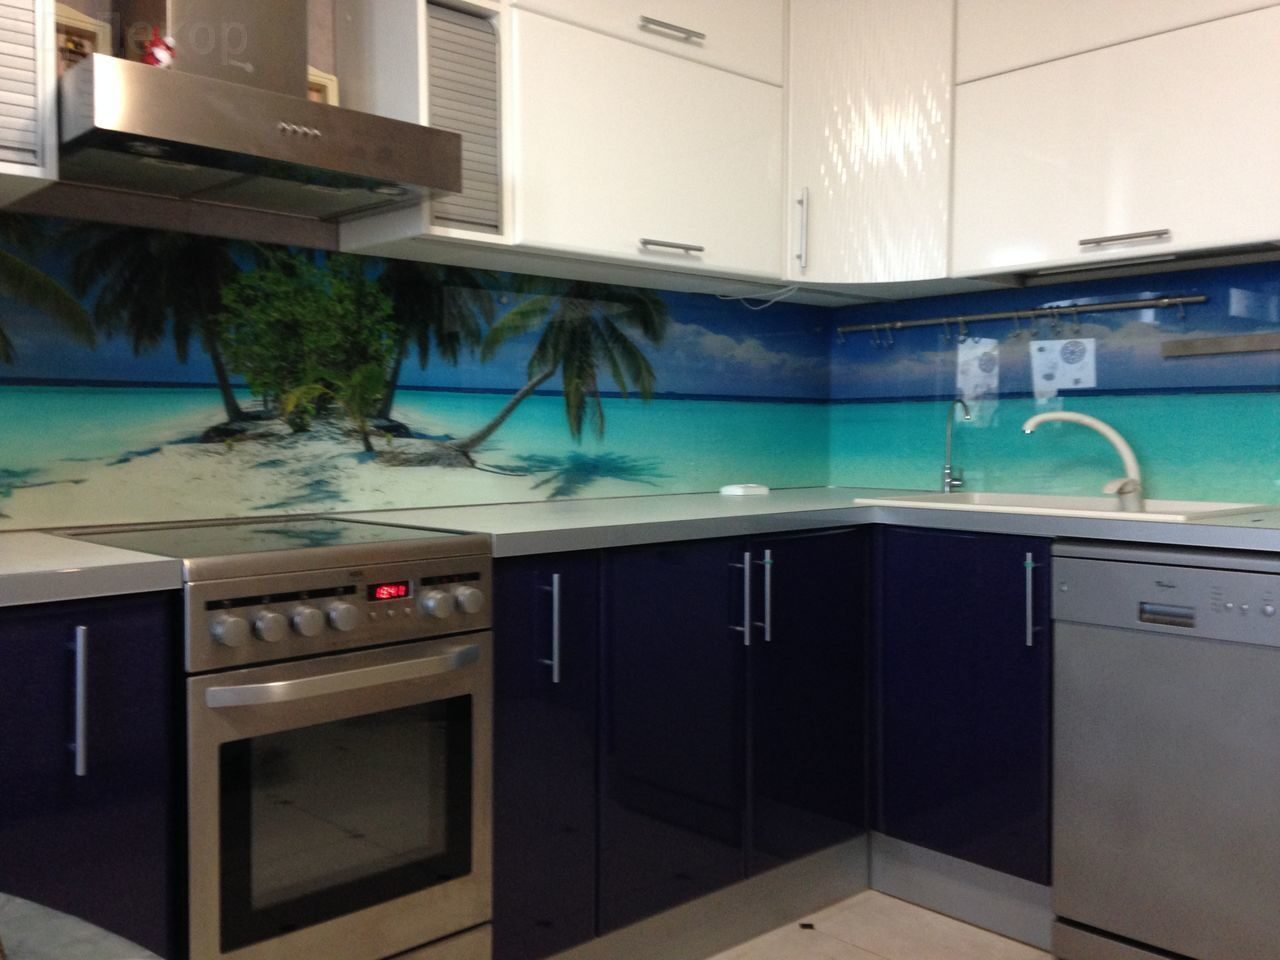 Кухонная стенка угловая из лдсп фотогалерея лучшие фотографы